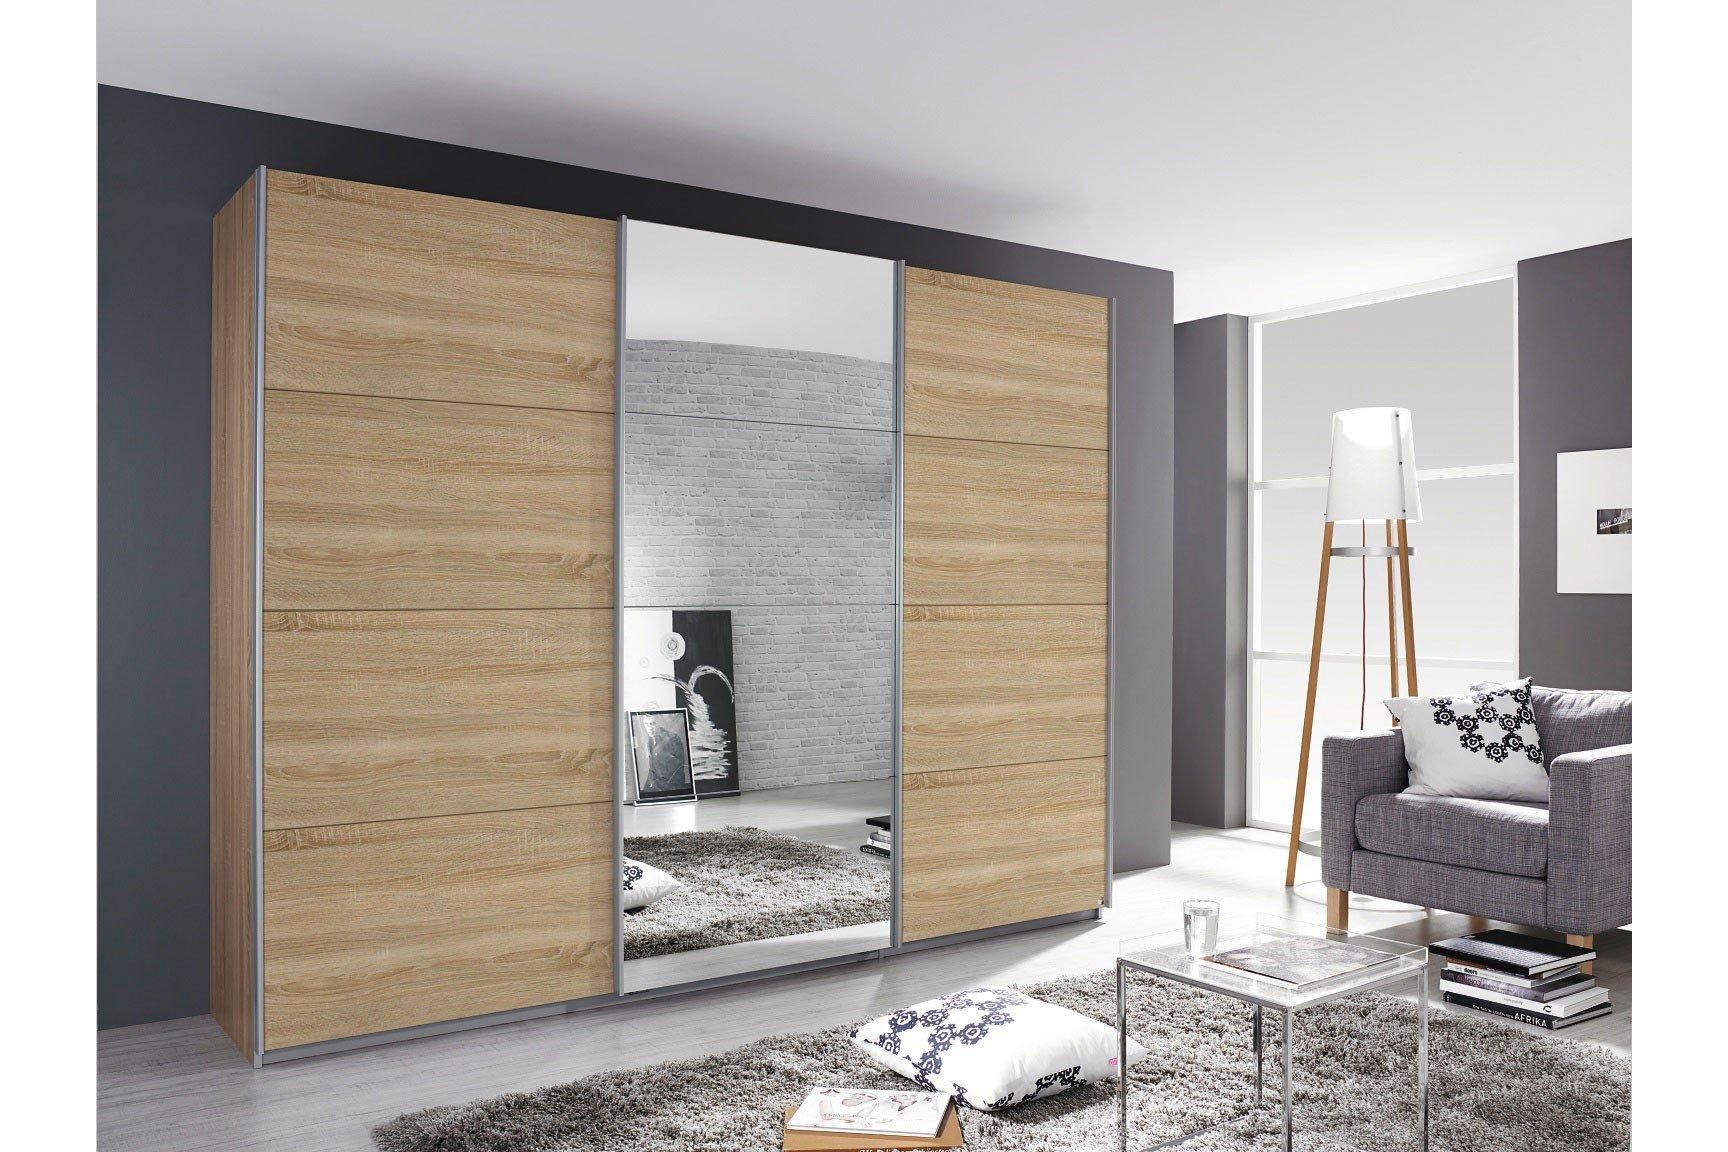 schrank rauch kulmbach grau spiegel m bel letz ihr online shop. Black Bedroom Furniture Sets. Home Design Ideas